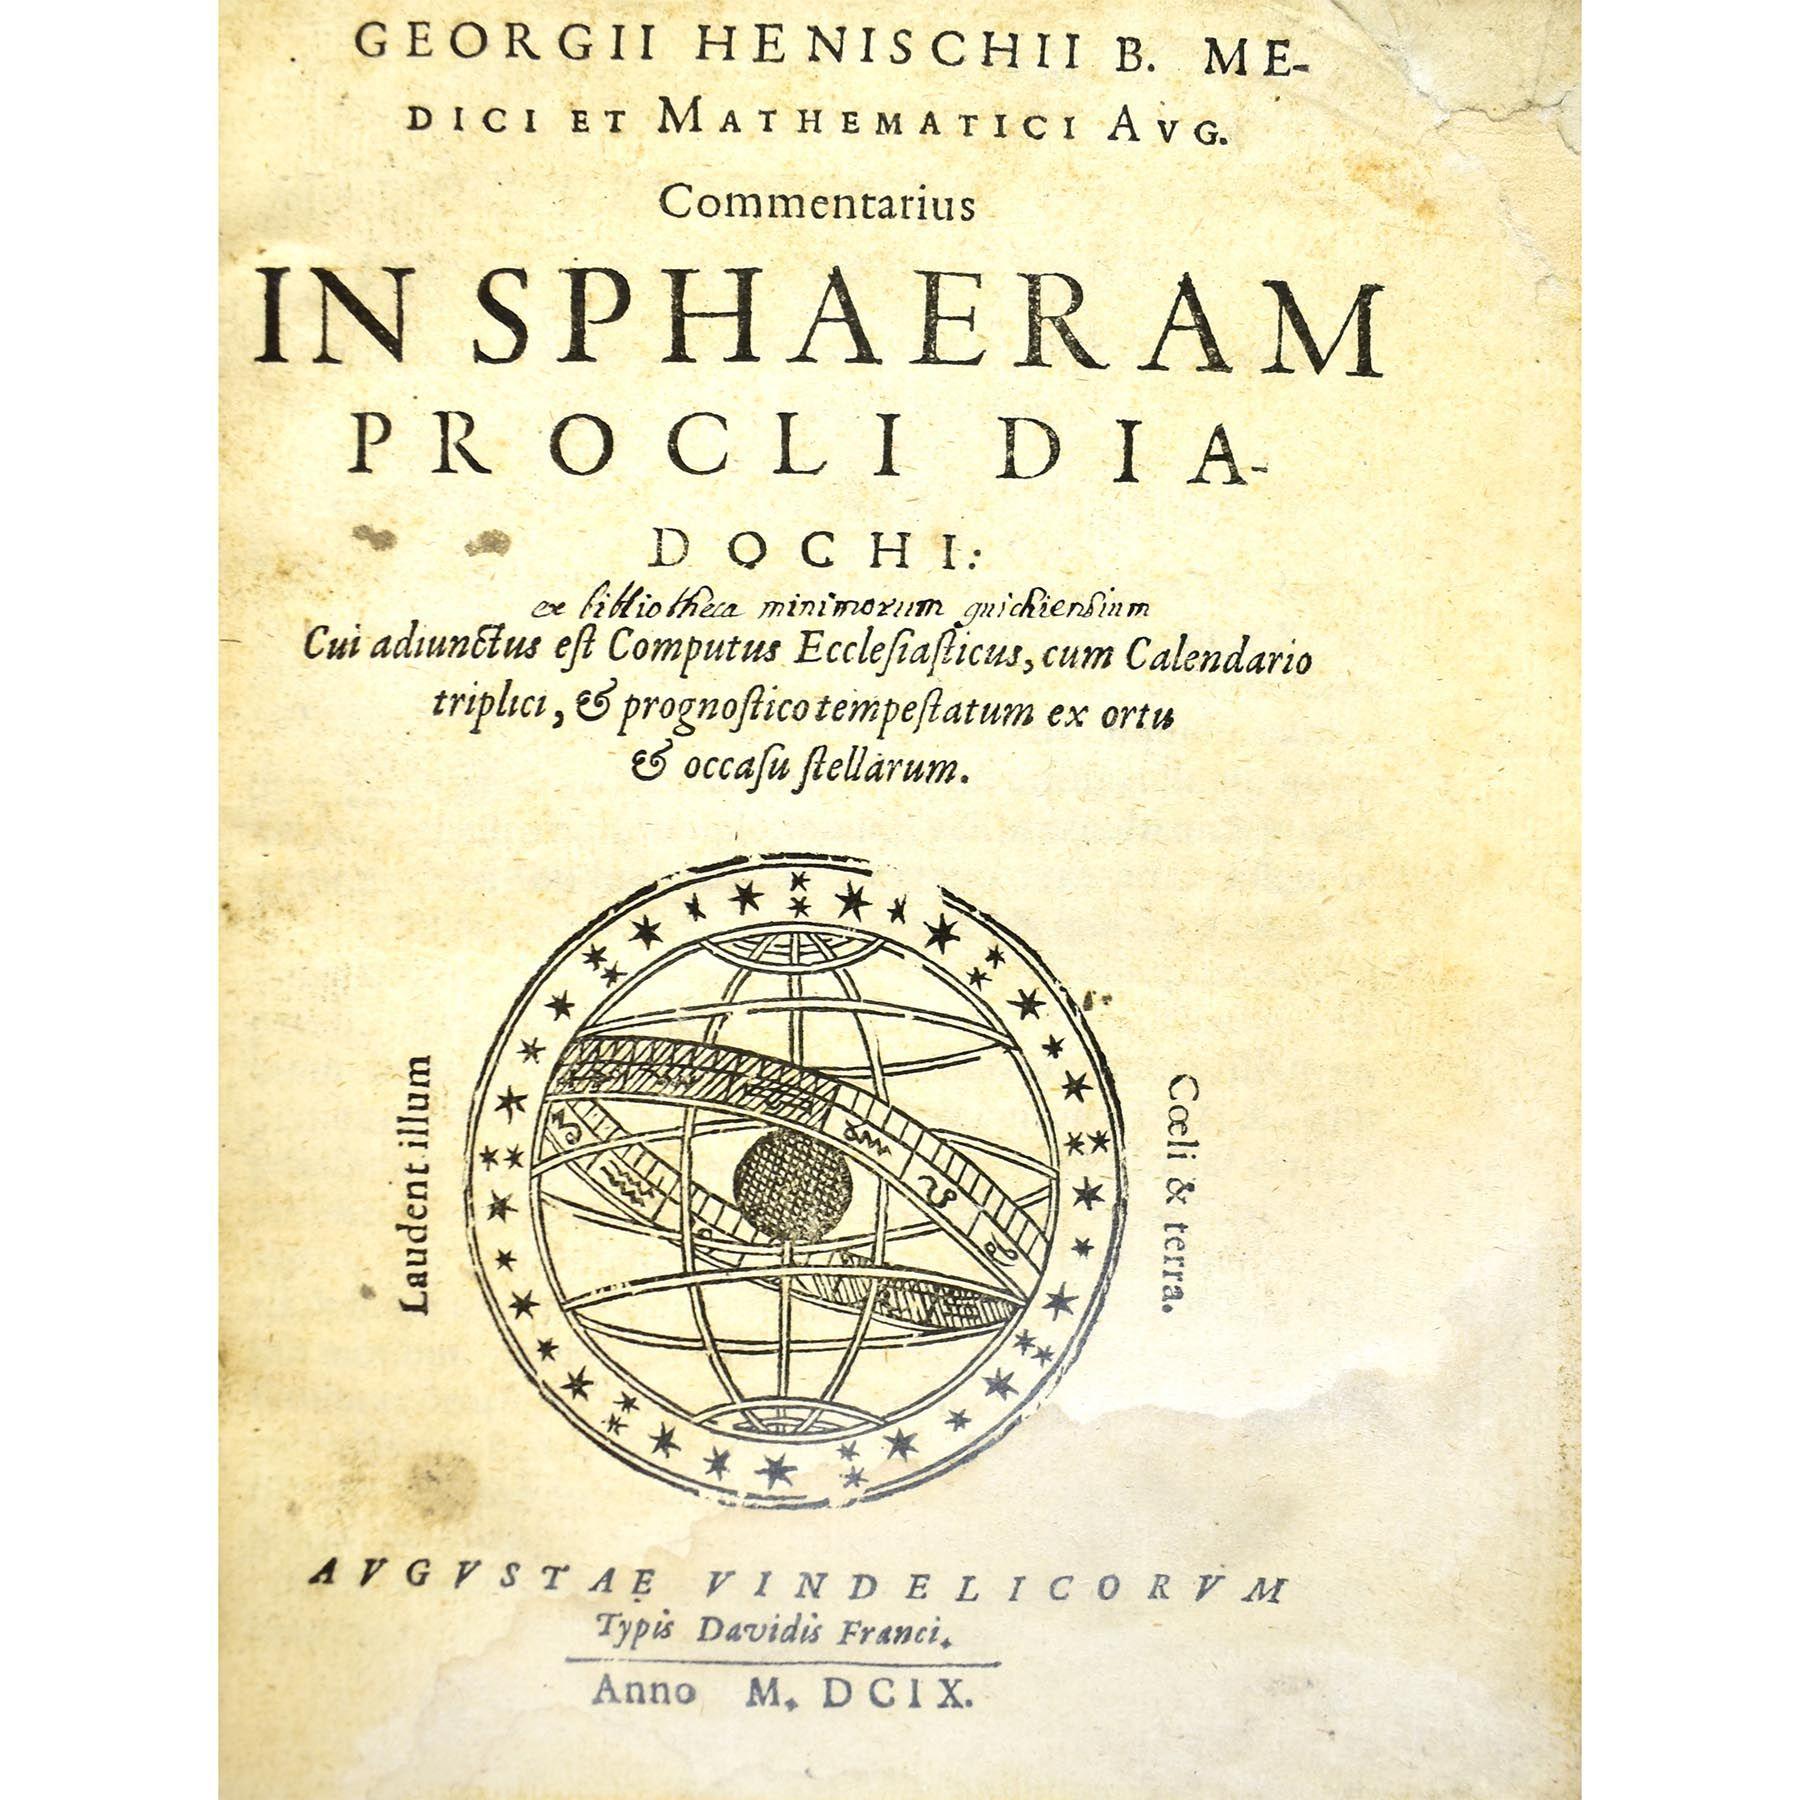 Commentarius in sphaeram procli diadochi Cui adiunctus est Computus Ecclesiasticus, cum Calendario triplici, & prognostico tempestatum ex ortu & occasu stellarum. (photo 2)